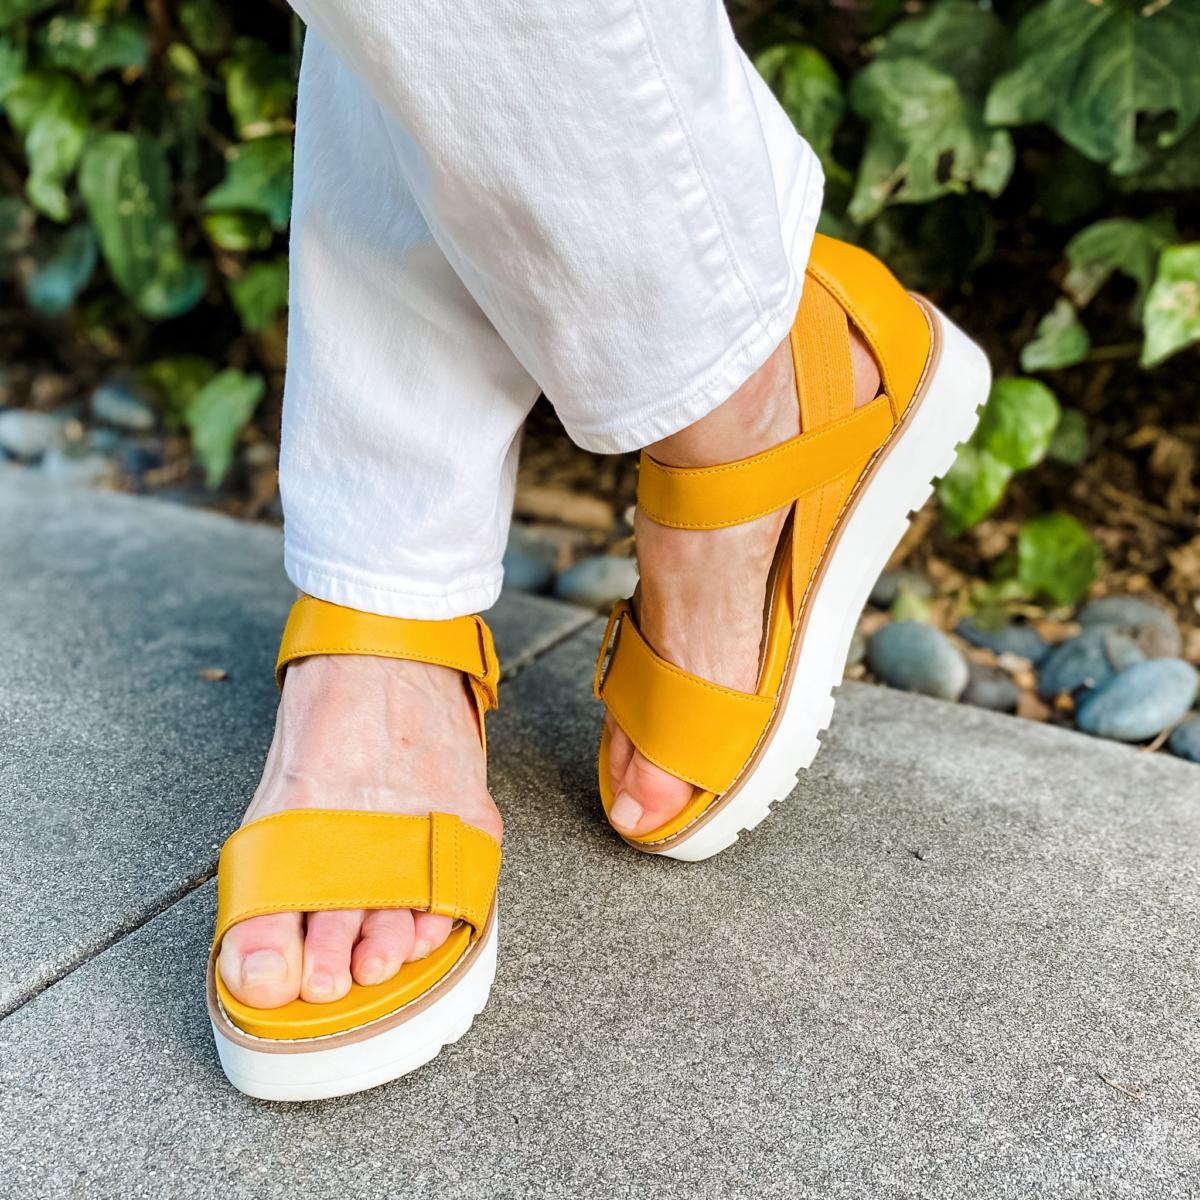 Yellow-platform-sandals-eileen-fisher